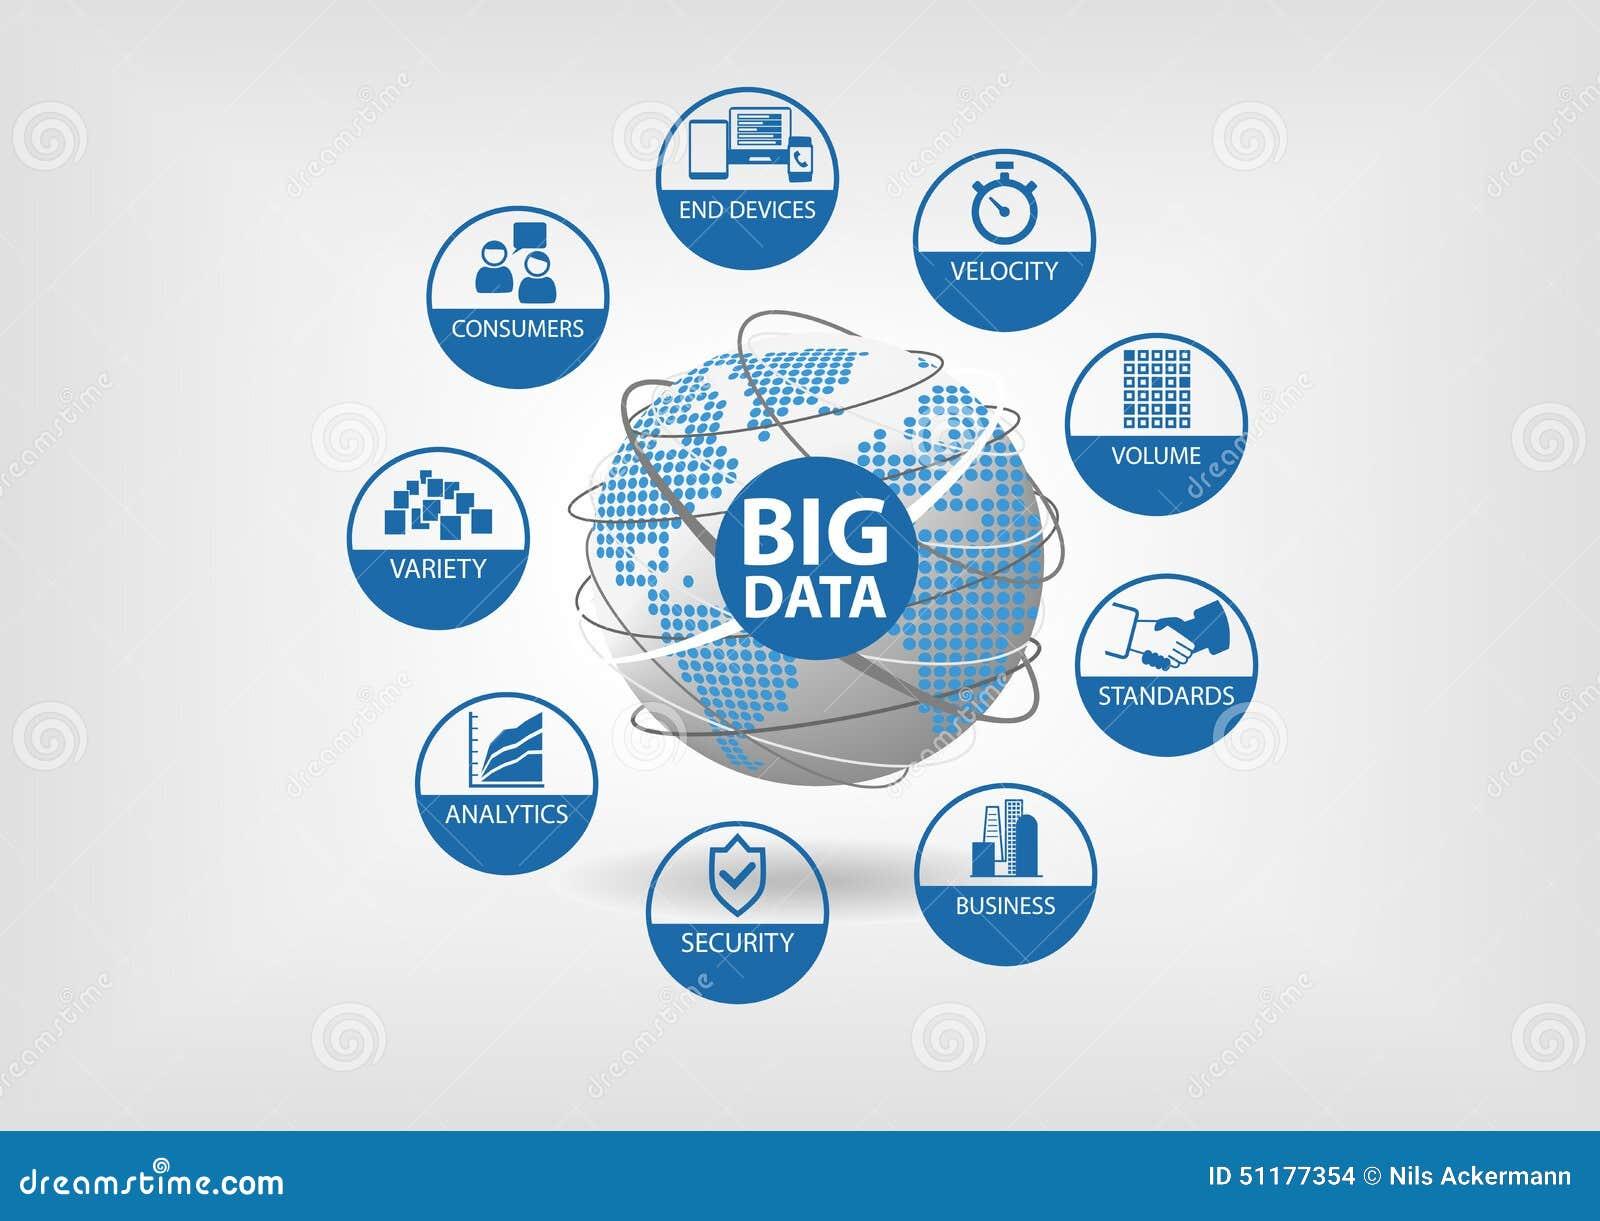 Stort databegrepp med symboler för variation, hastighet, volym, konsumenter, analytics, säkerhet, normal och slutapparater